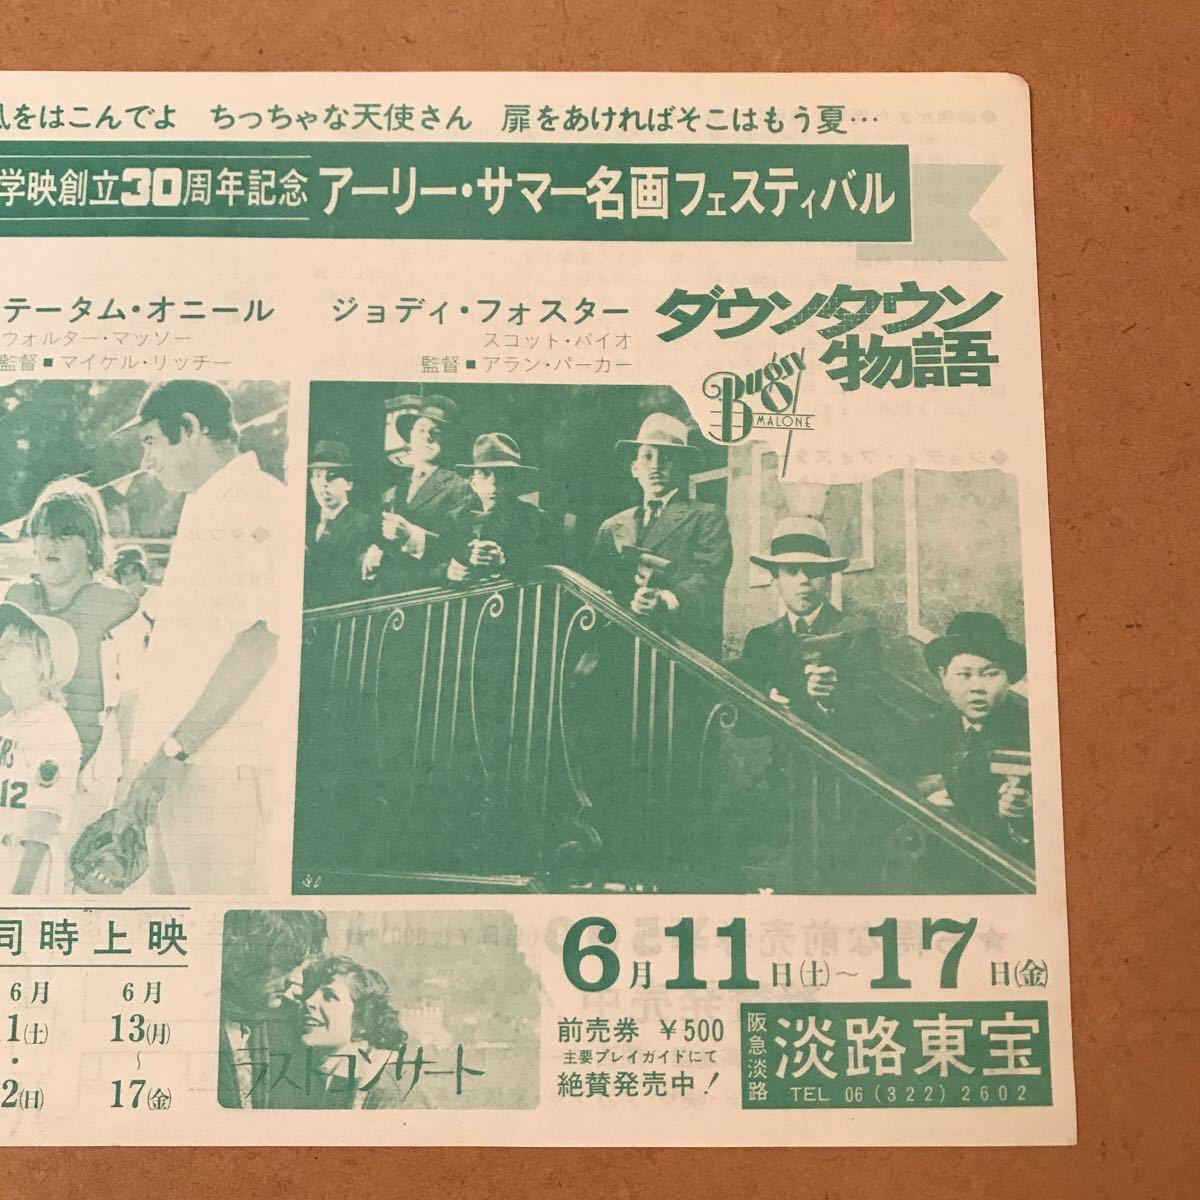 【映画チラシ】『がんばれ!ベアーズ』&『ダウンタウン物語』大阪ローカル劇場2本立て上映単色チラシ_画像4